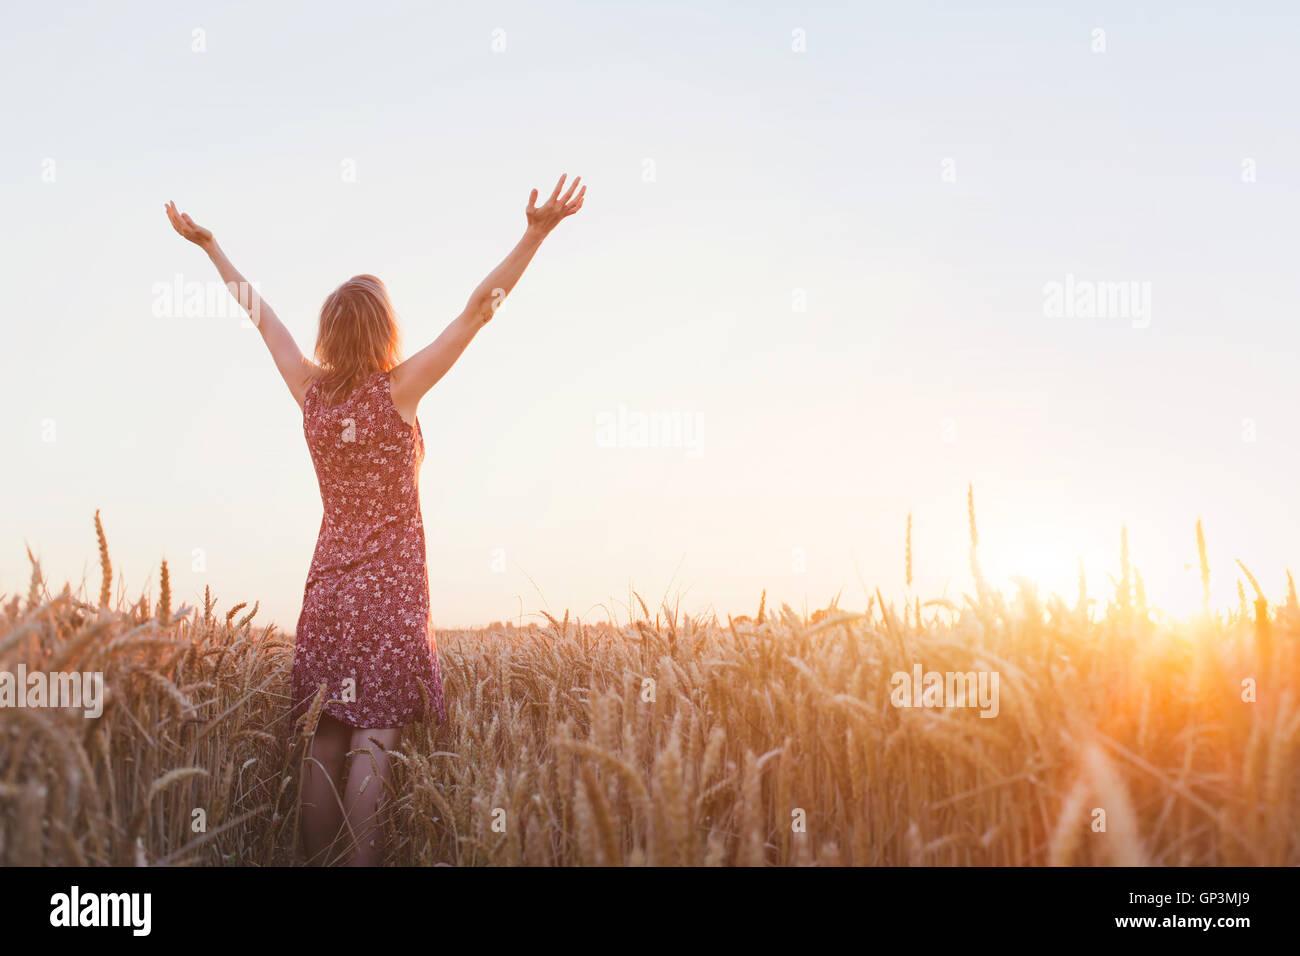 La respiración, mujer con manos alzadas disfrutando del atardecer en el campo Imagen De Stock